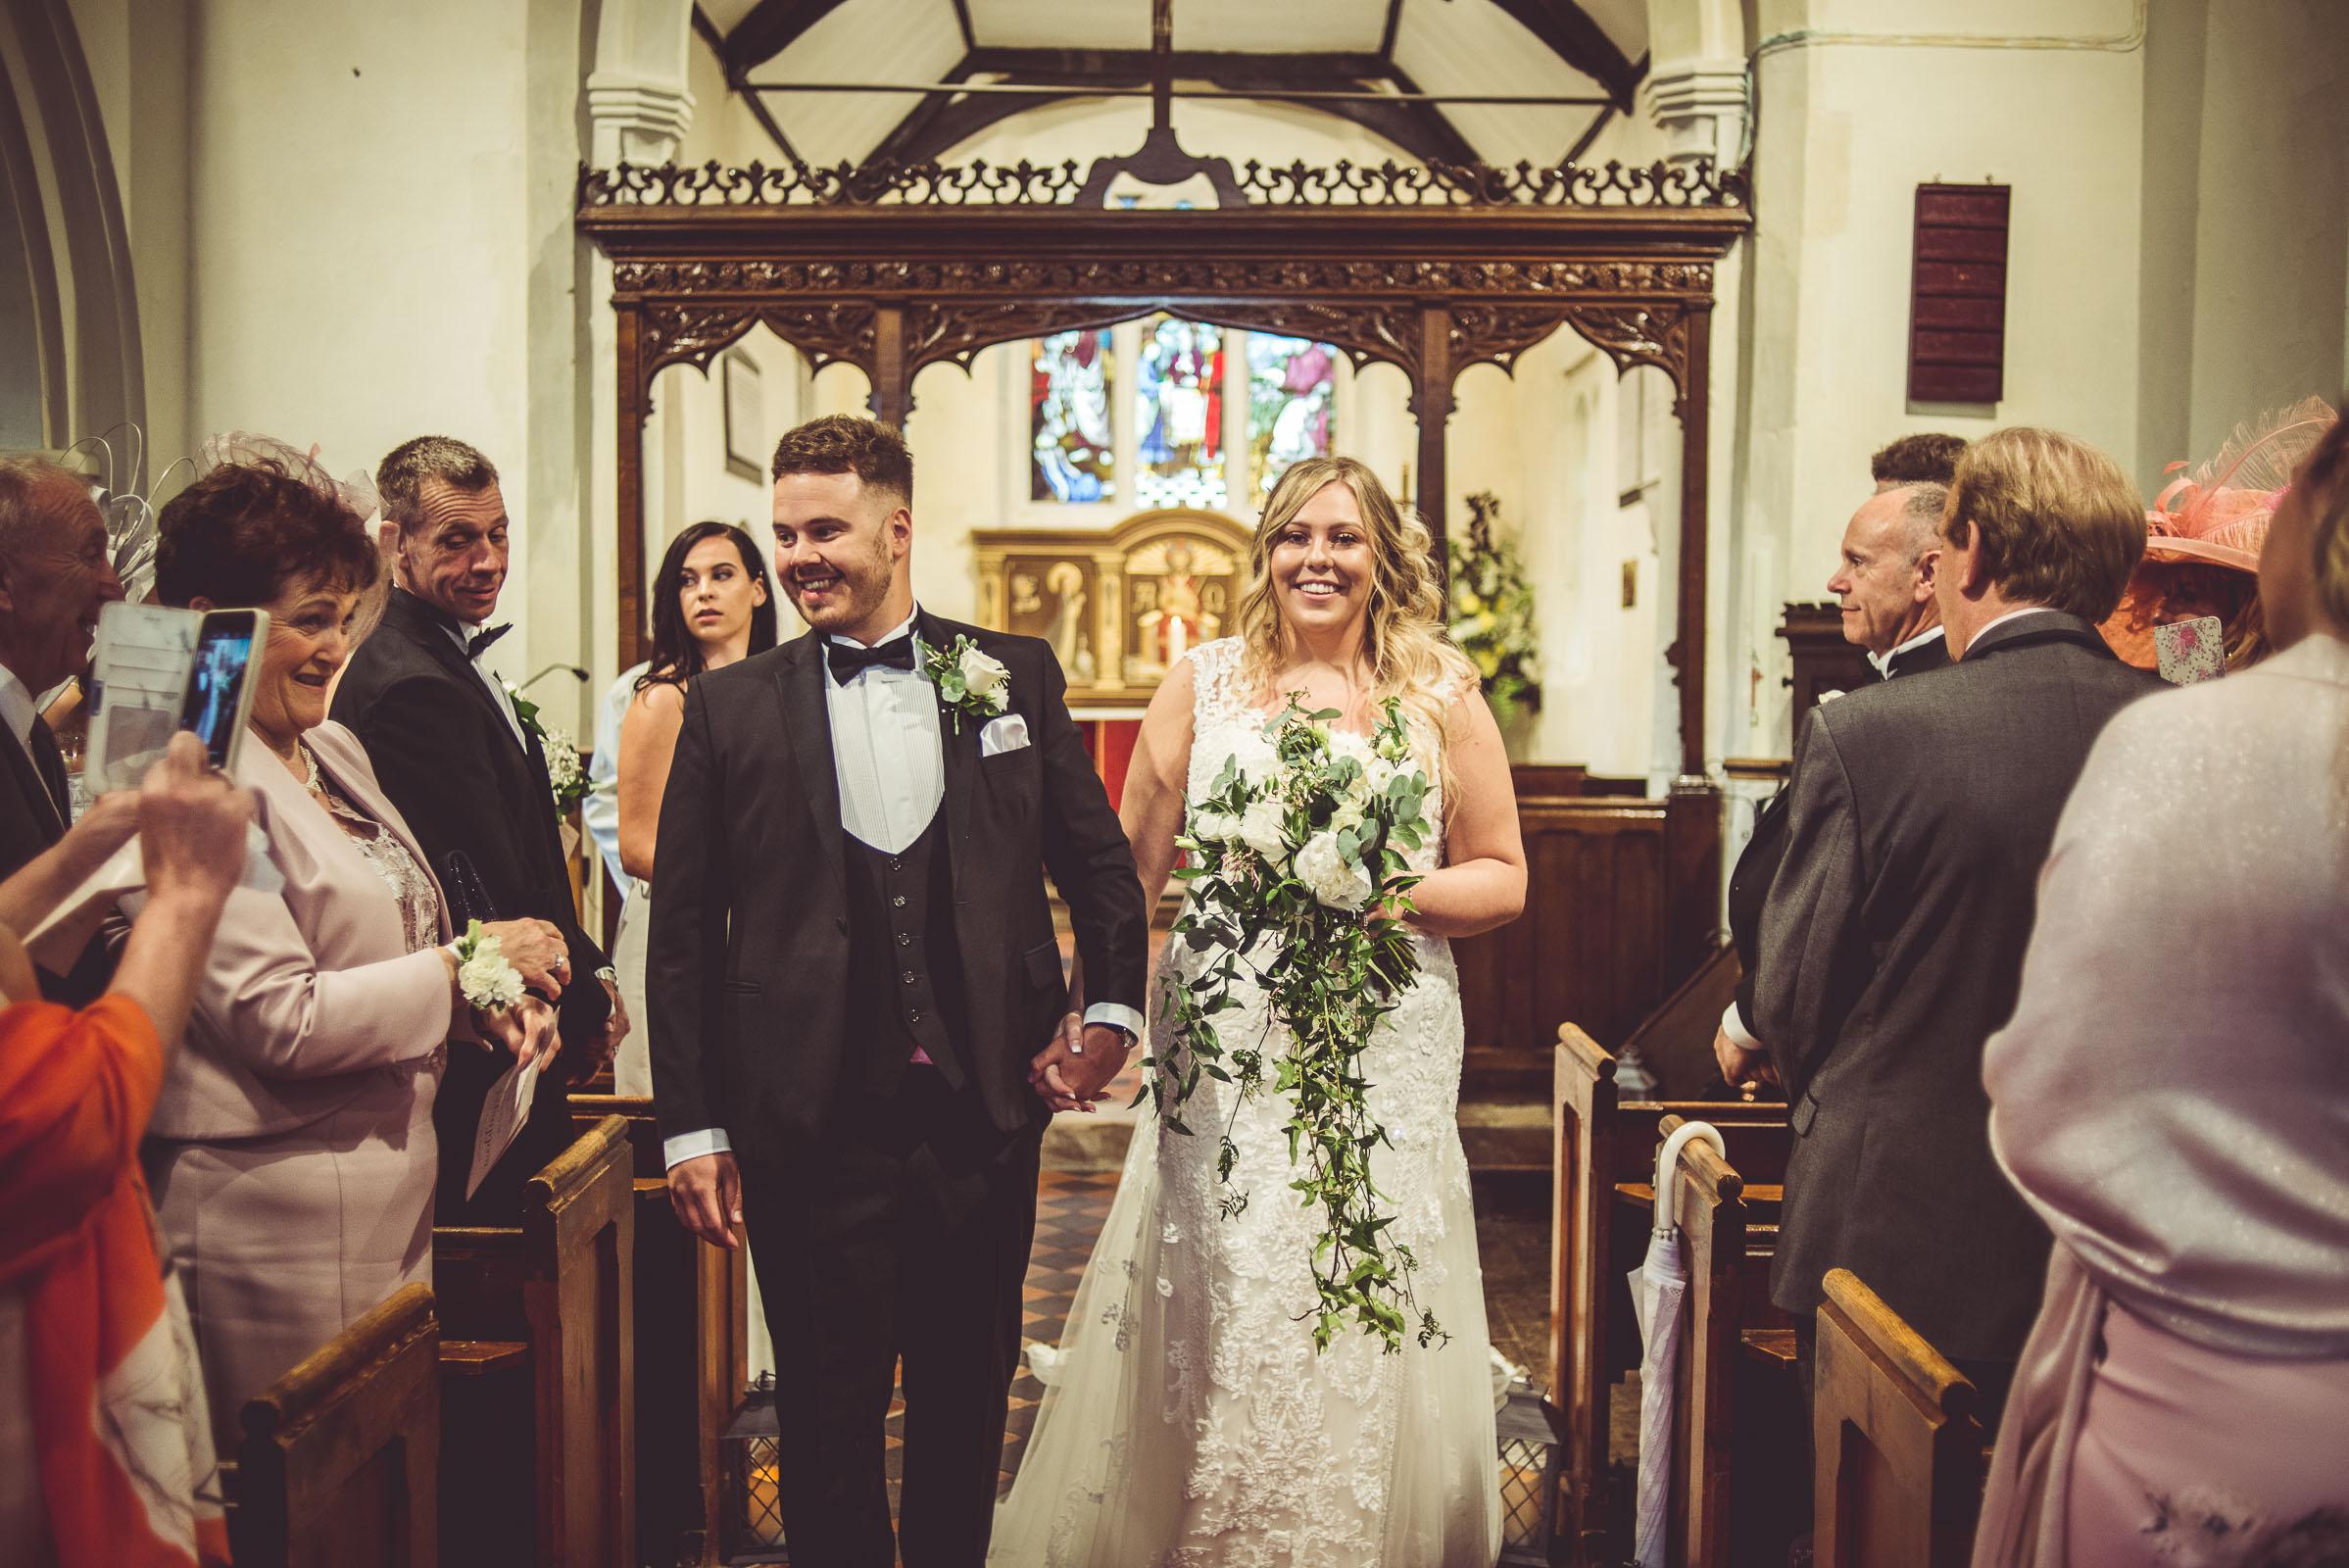 Lutonhoo-wedding-Bedfordshire-Datchworth-Tewinburyfarm-44.jpg